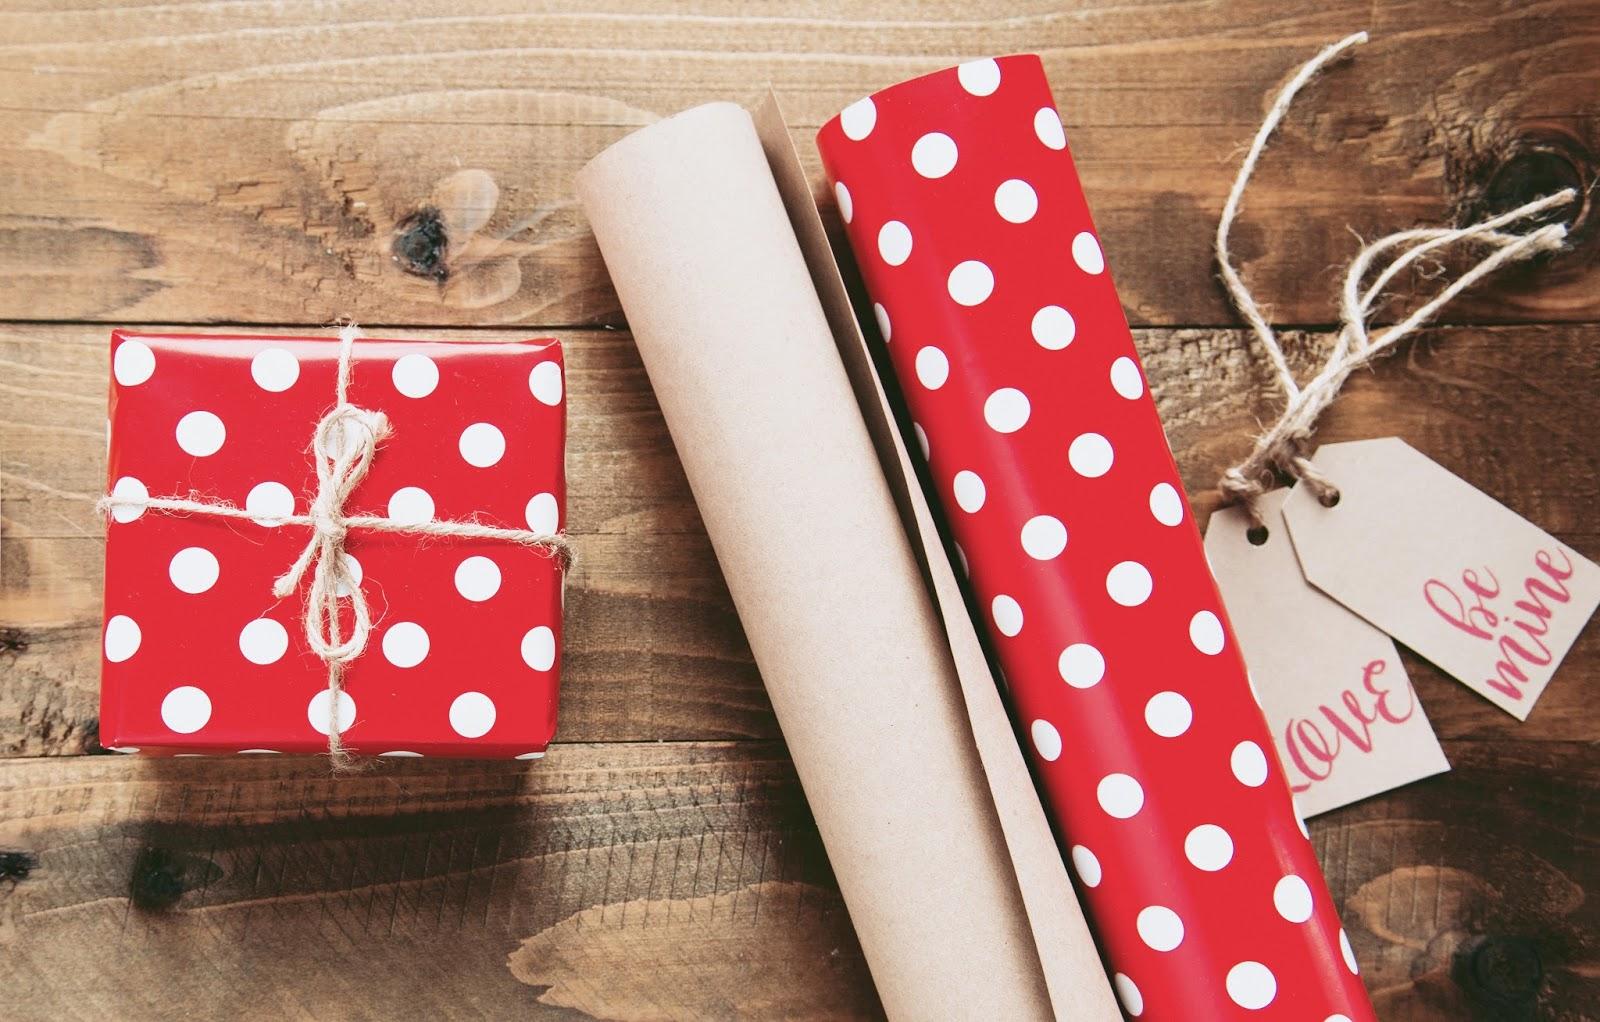 upominki, prezenty, walentynki, lista zakupowa, poradnik zakupowy, wylegarnia pomysłow